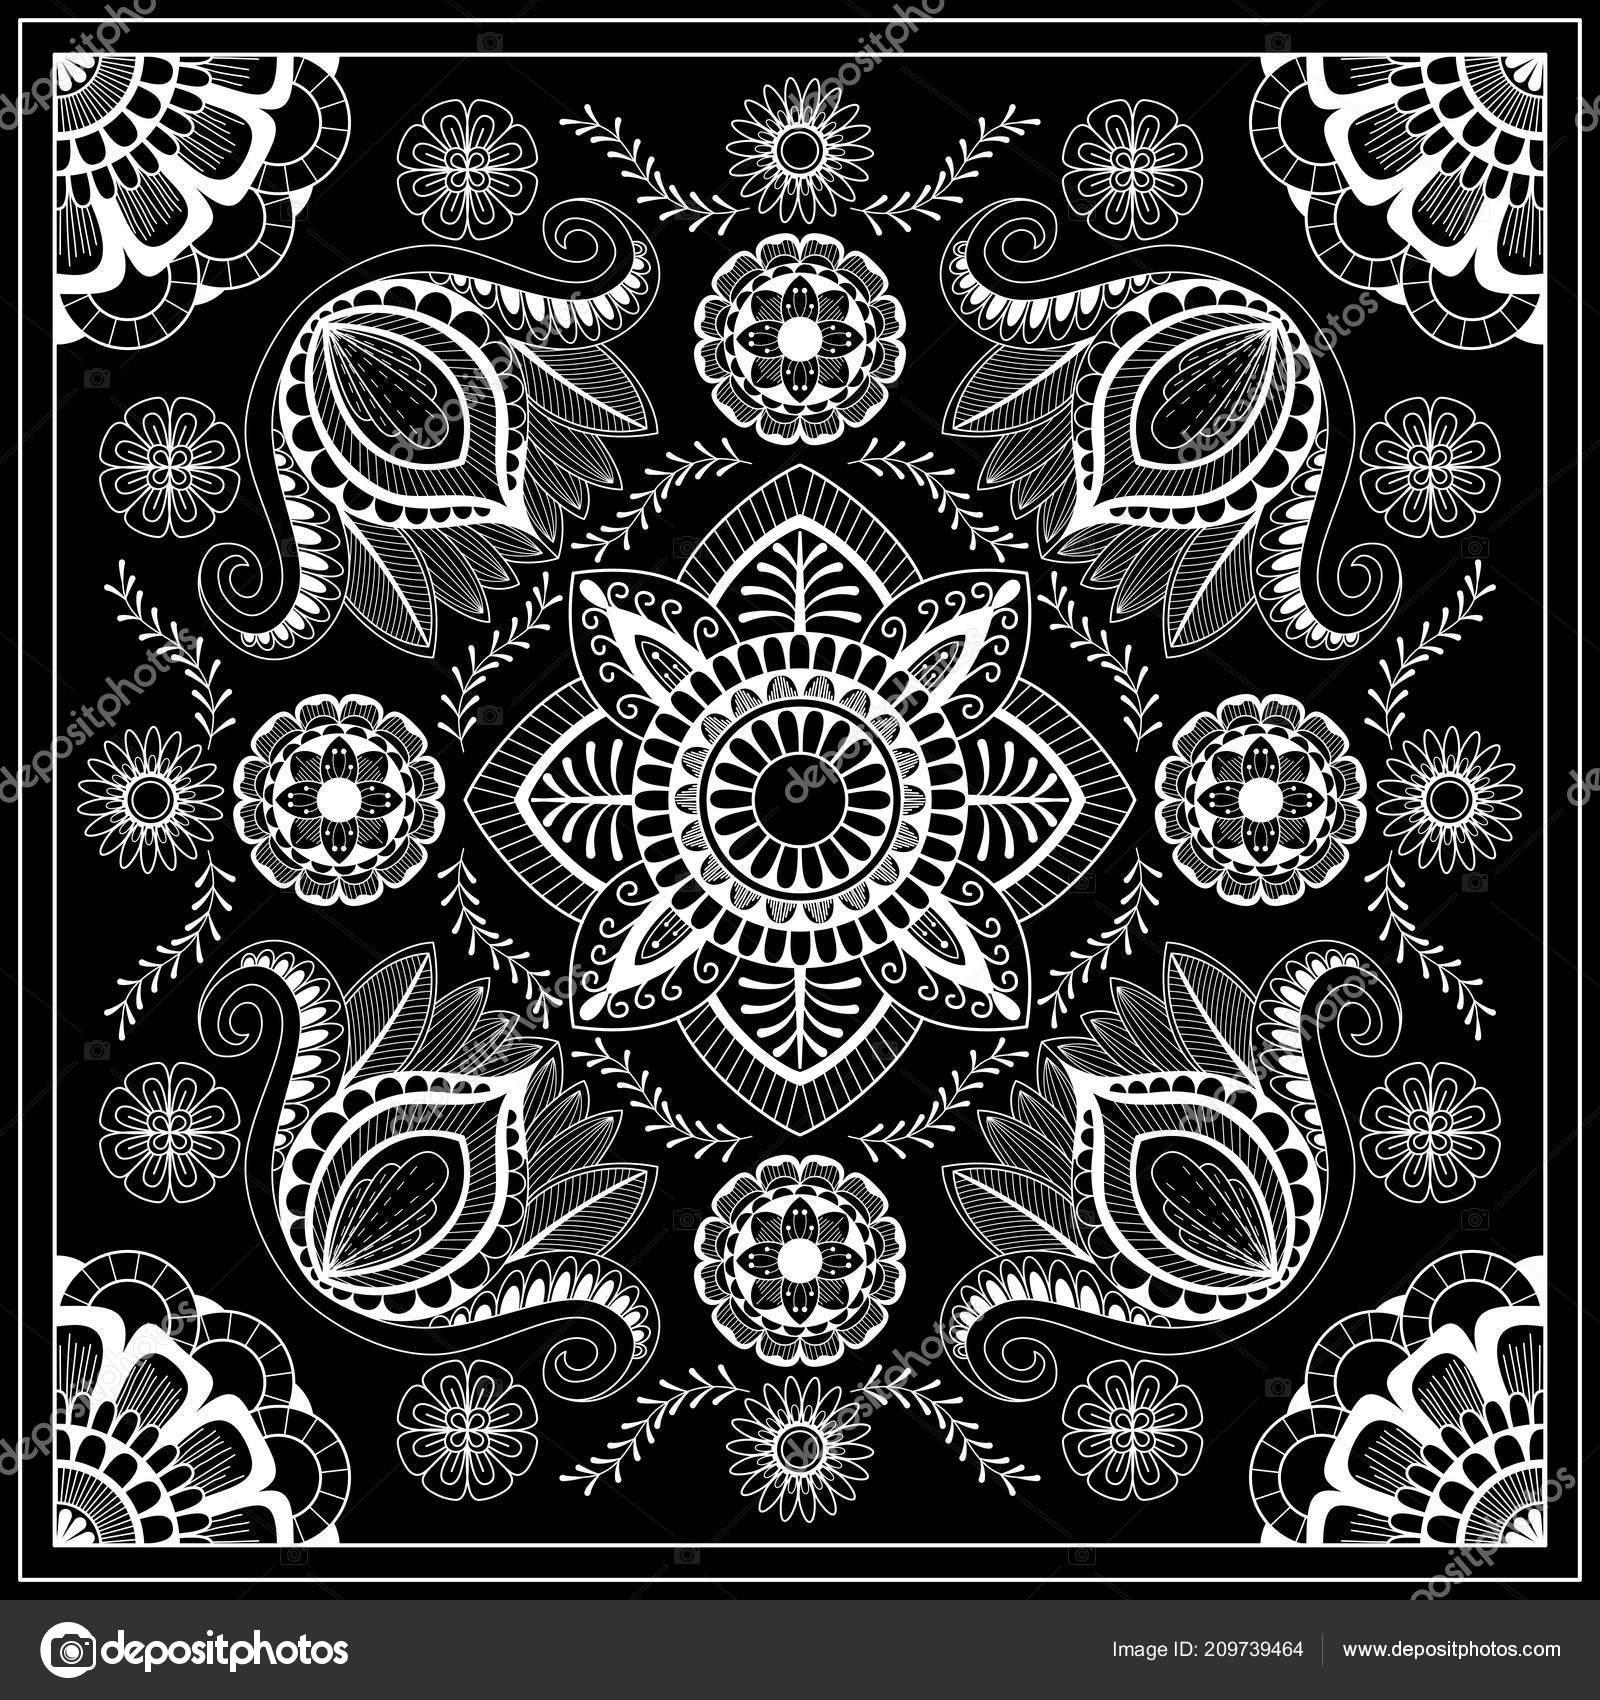 d694415c Blanco Negro Abstracto Bandana Impresión Con Estilo Elemento Henna ...